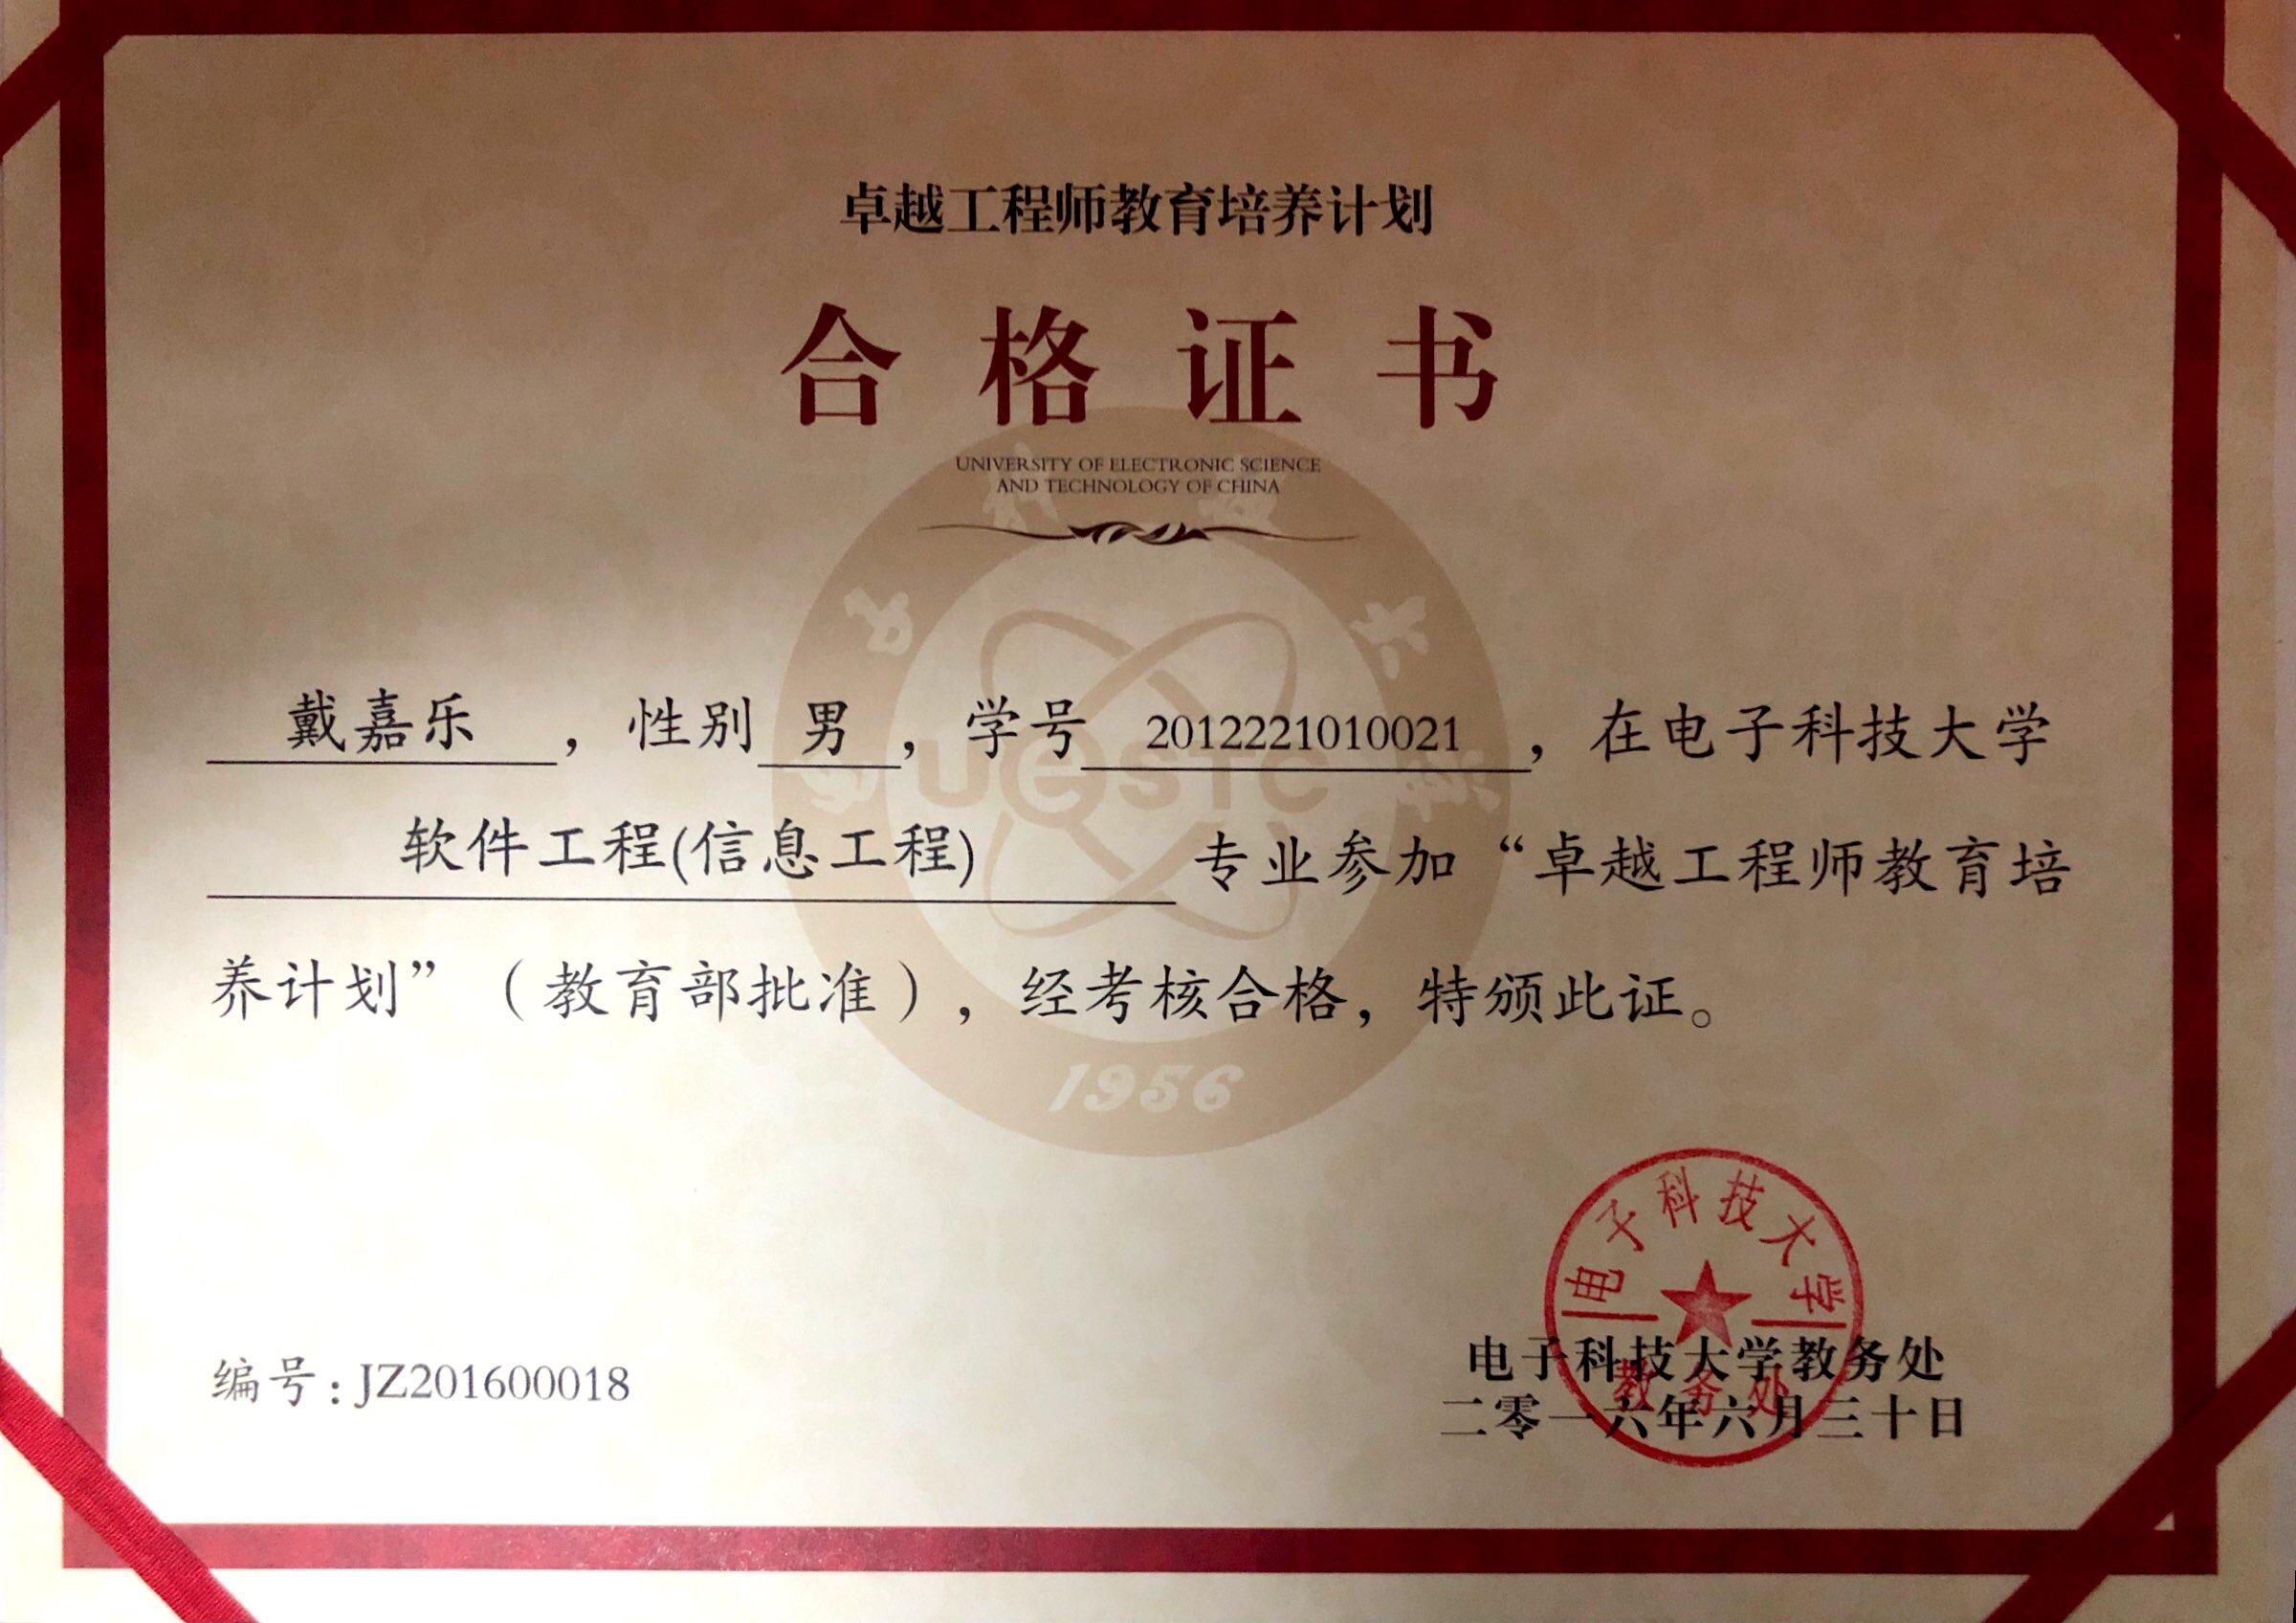 教育部卓越工程师计划合格认证